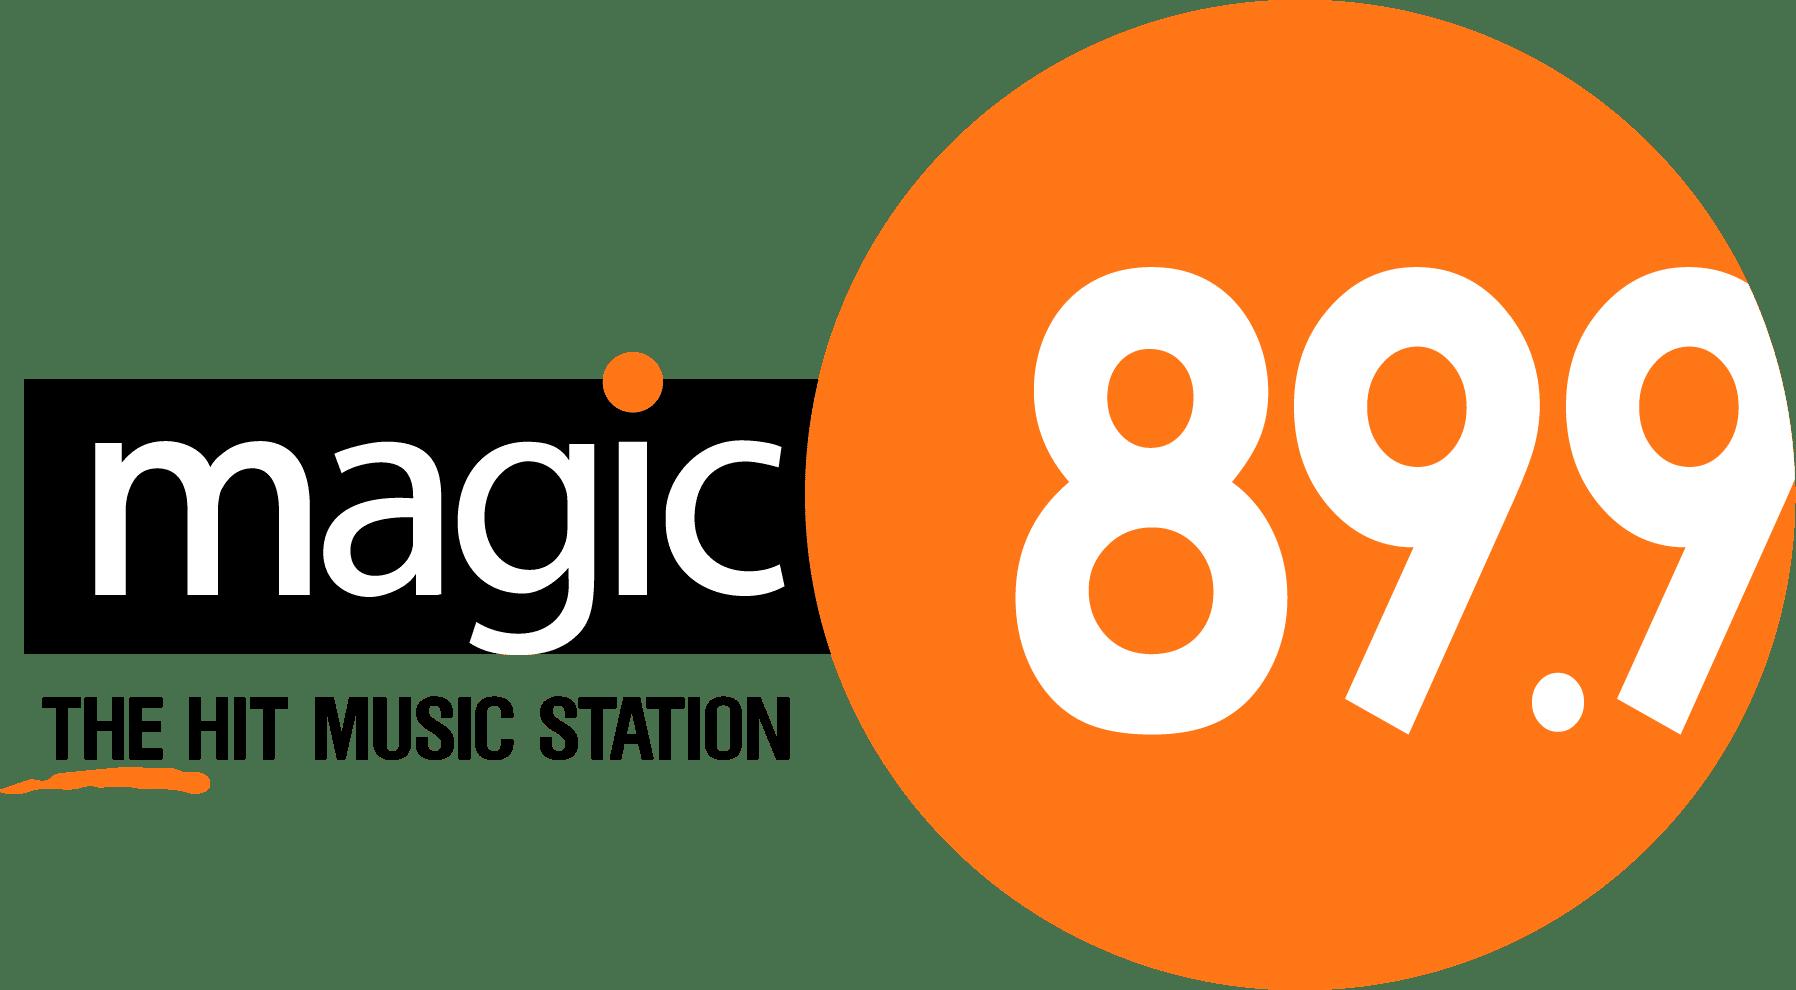 Magic899